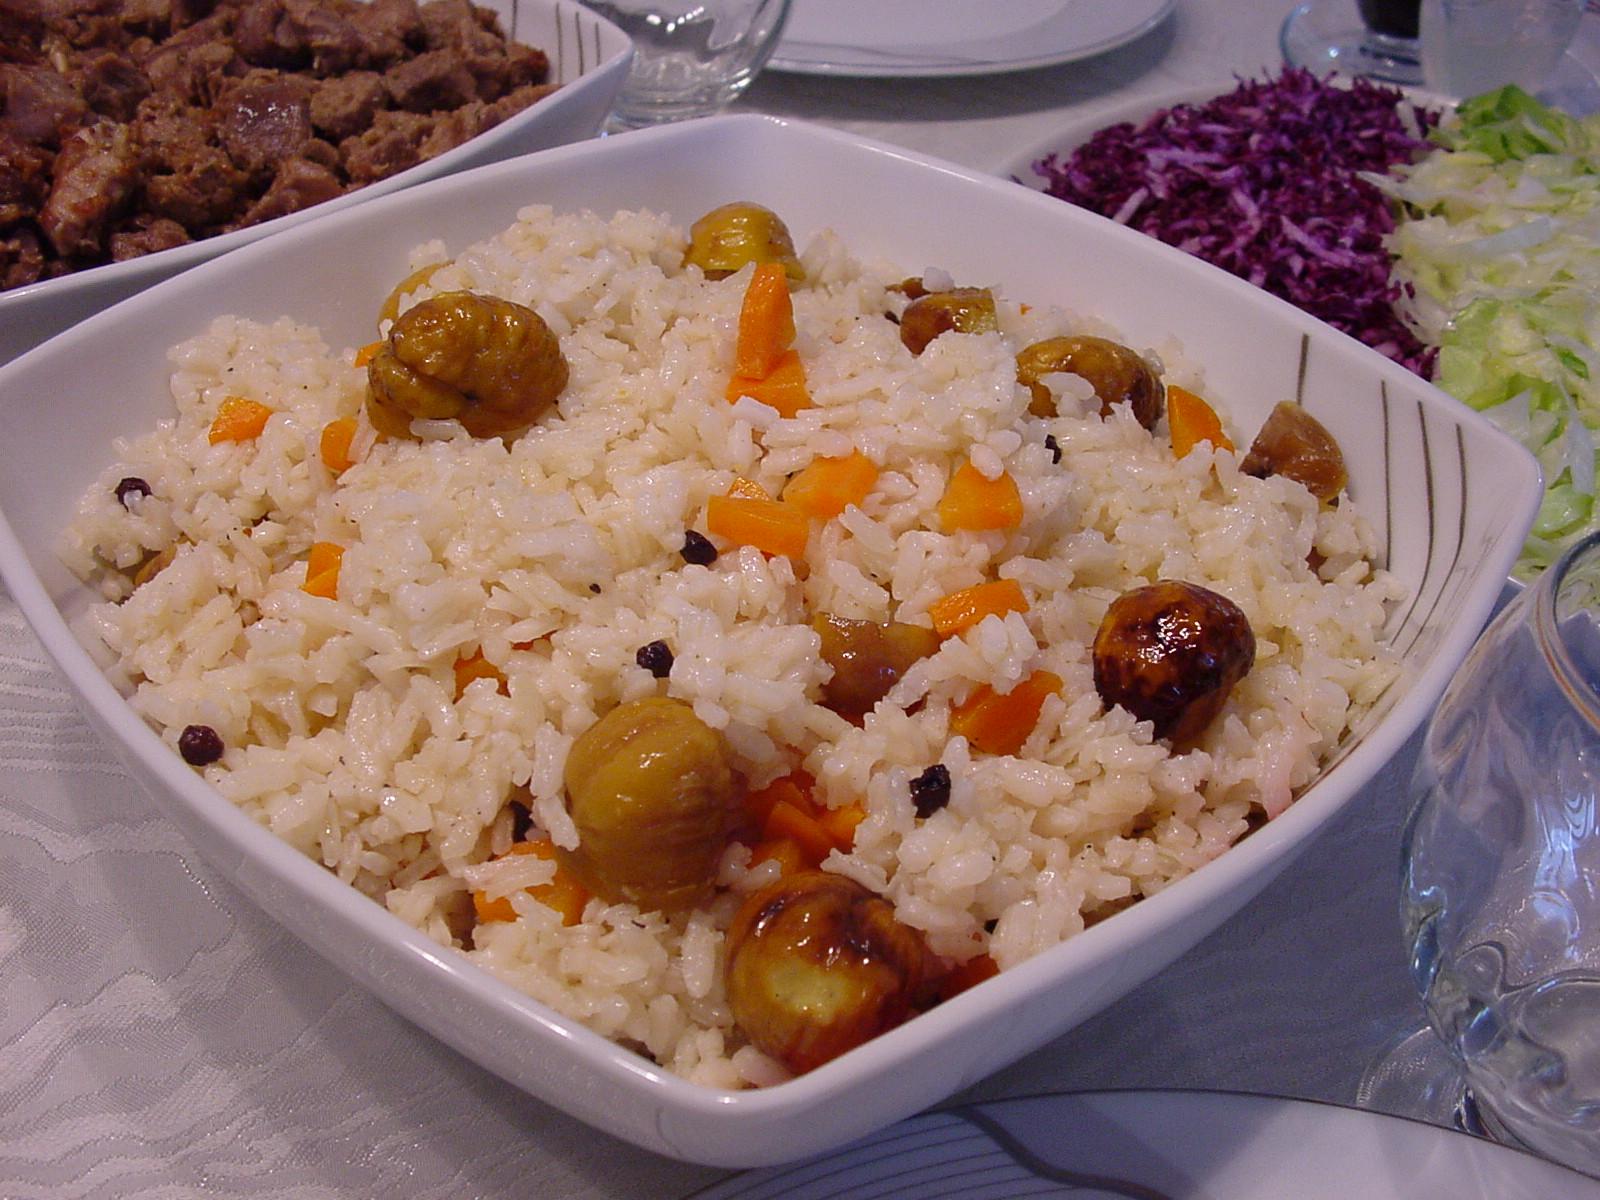 Kestaneli pilav tarifi yemeği — Görsel Yemek Tarifleri ...